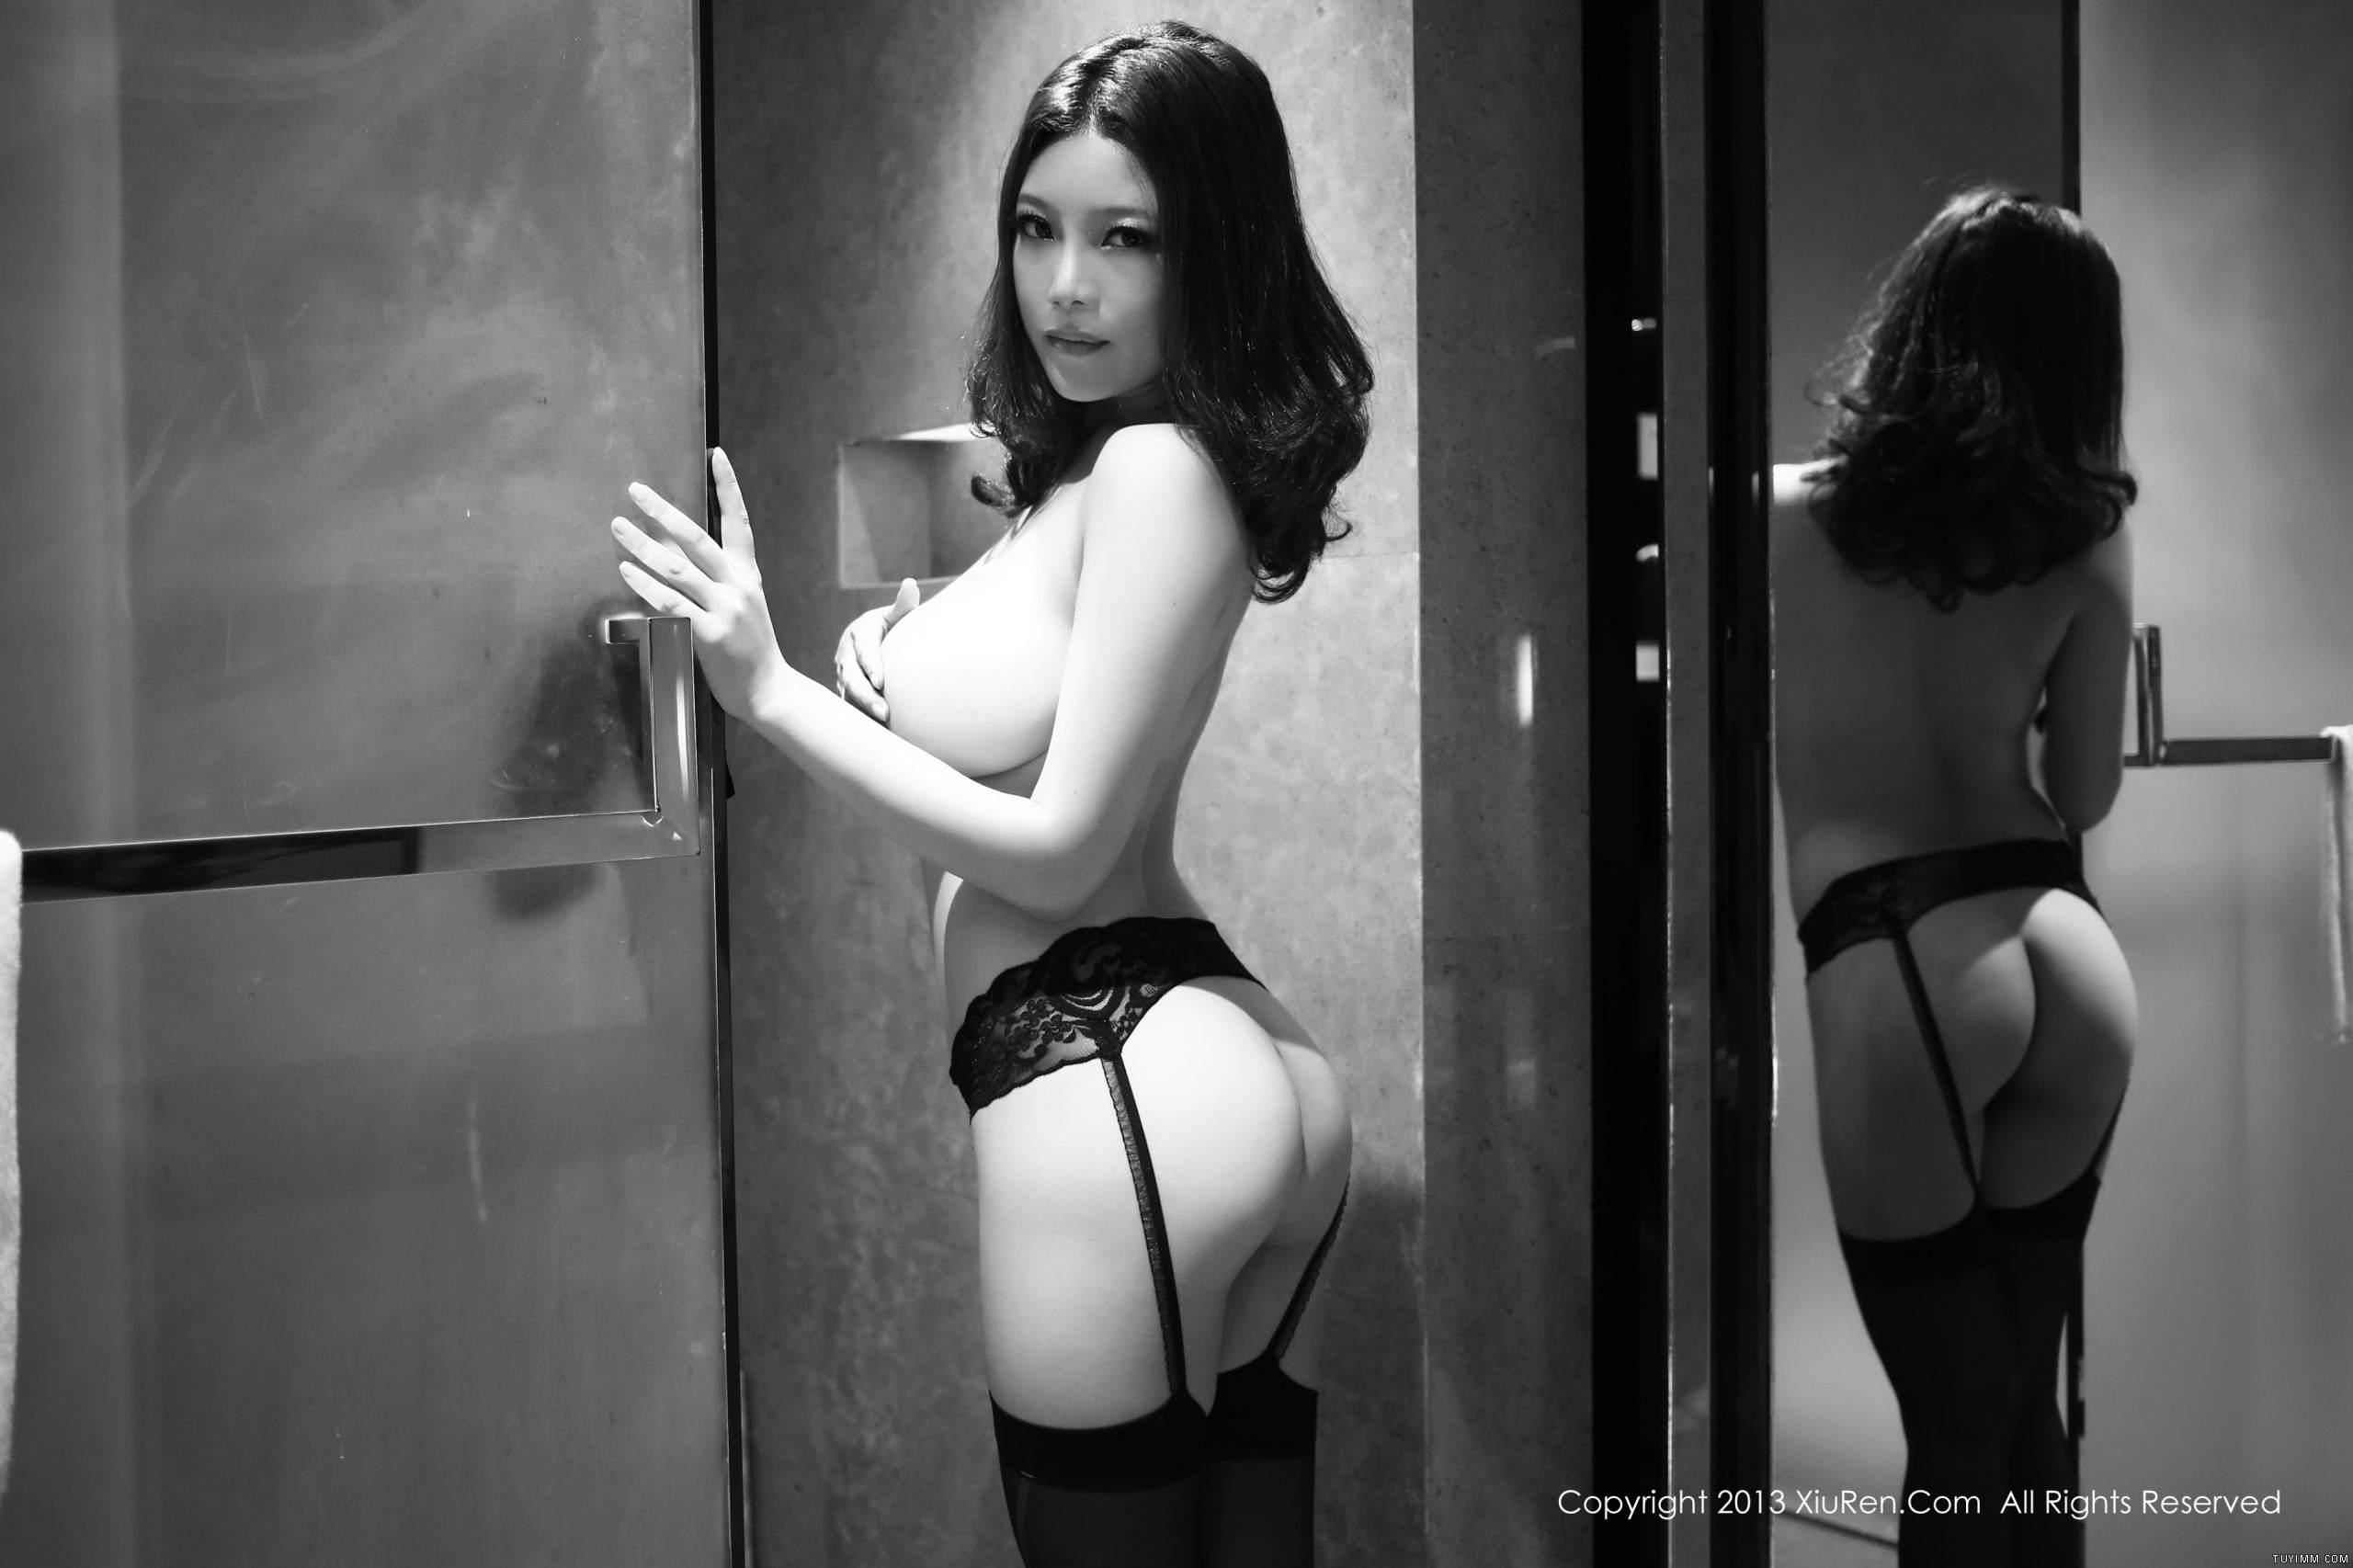 [福利]廊坊模特合集の小刀娱乐网-第40张图片-哔哔娱乐网